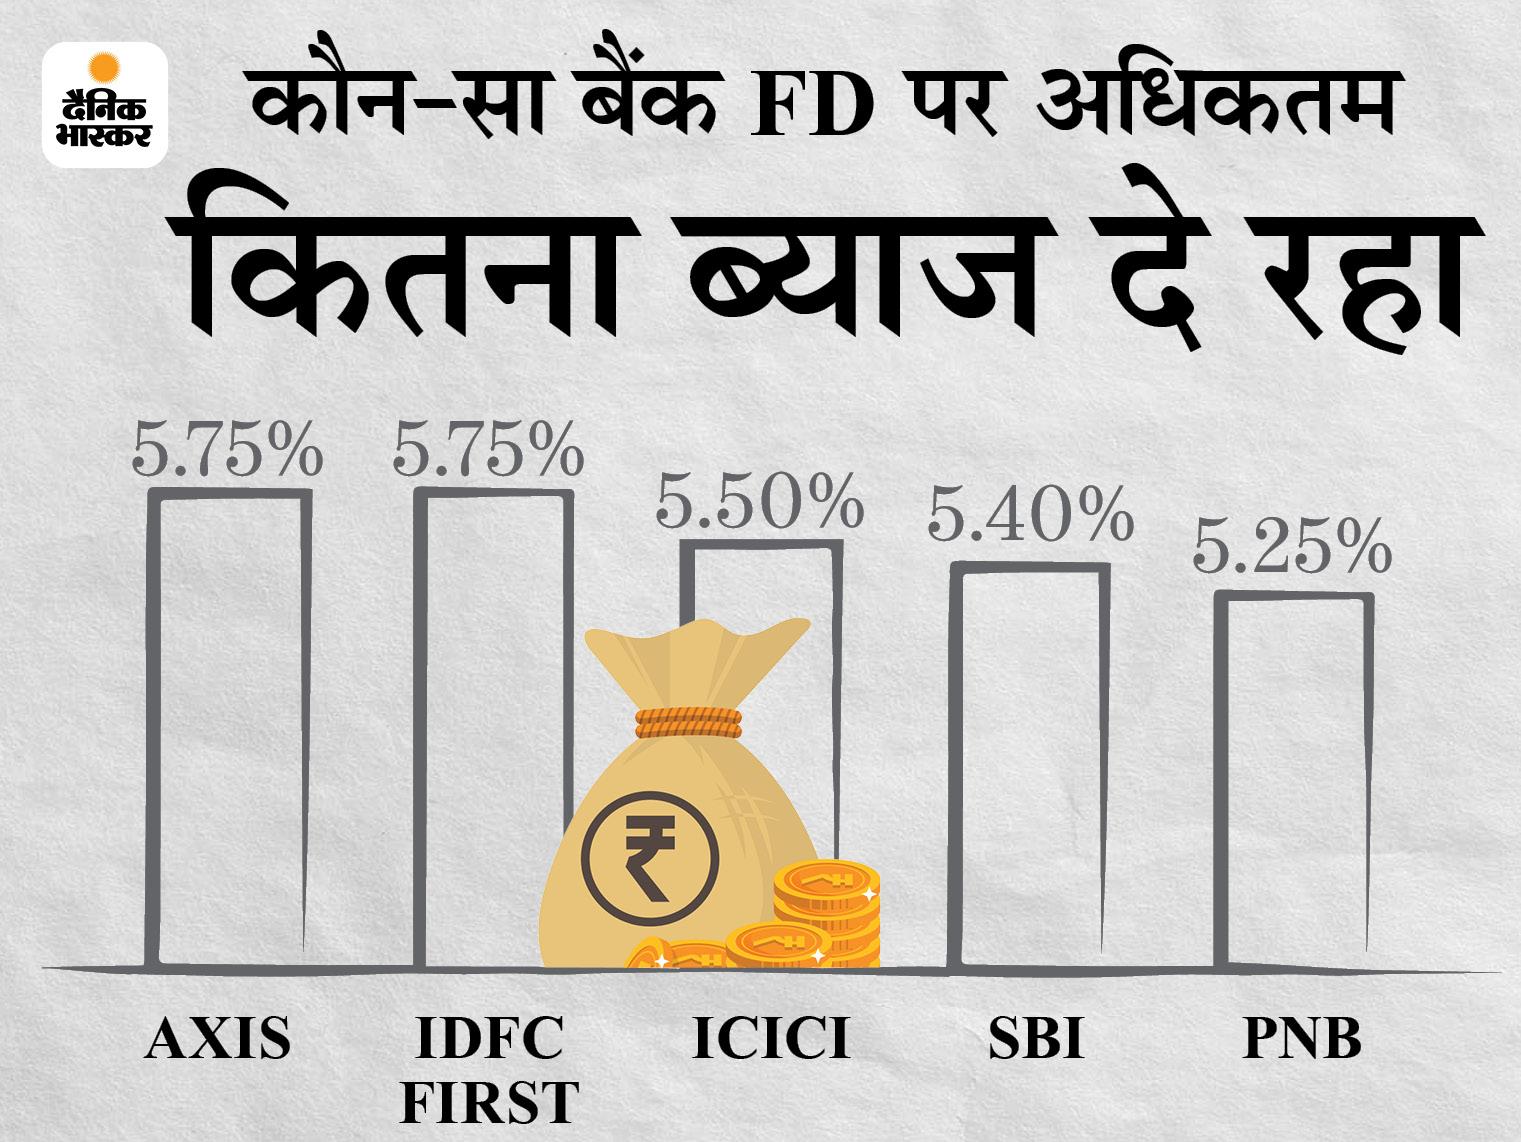 ICICI के बाद अब पंजाब नेशनल बैंक ने भी FD की ब्याज दरों में किया बदलाव, यहां जानें अब कितना ब्याज मिलेगा|बिजनेस,Business - Dainik Bhaskar